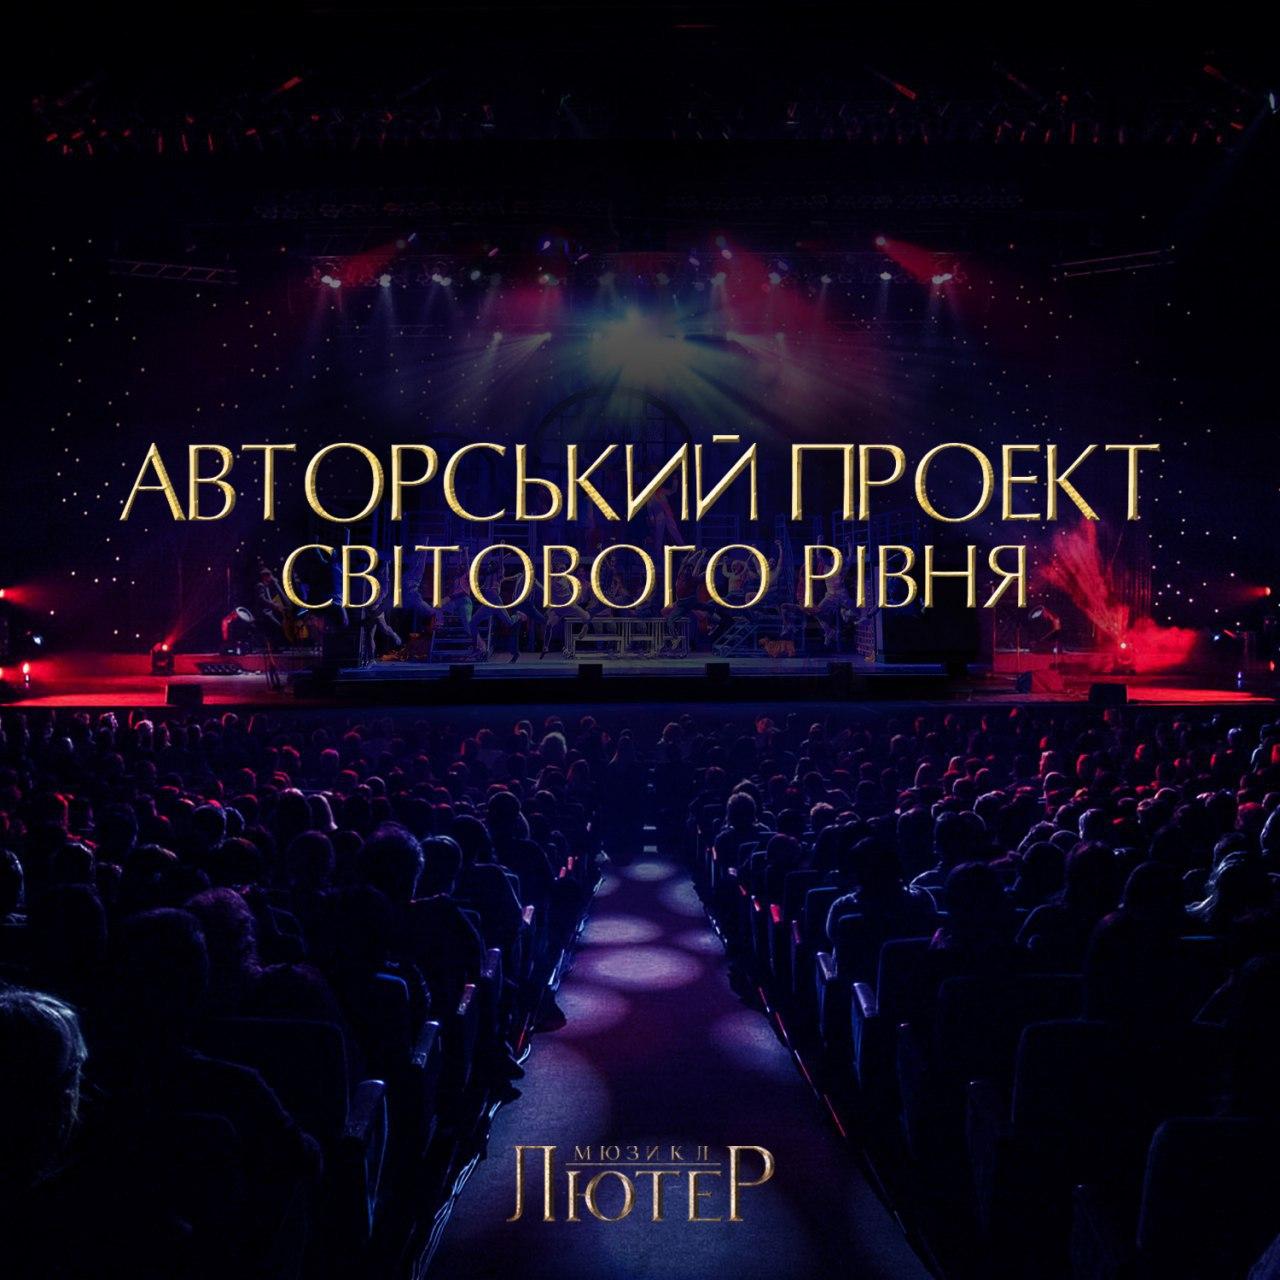 Объявлен кастинг участников мюзикла «Лютер», который состоится в Украине